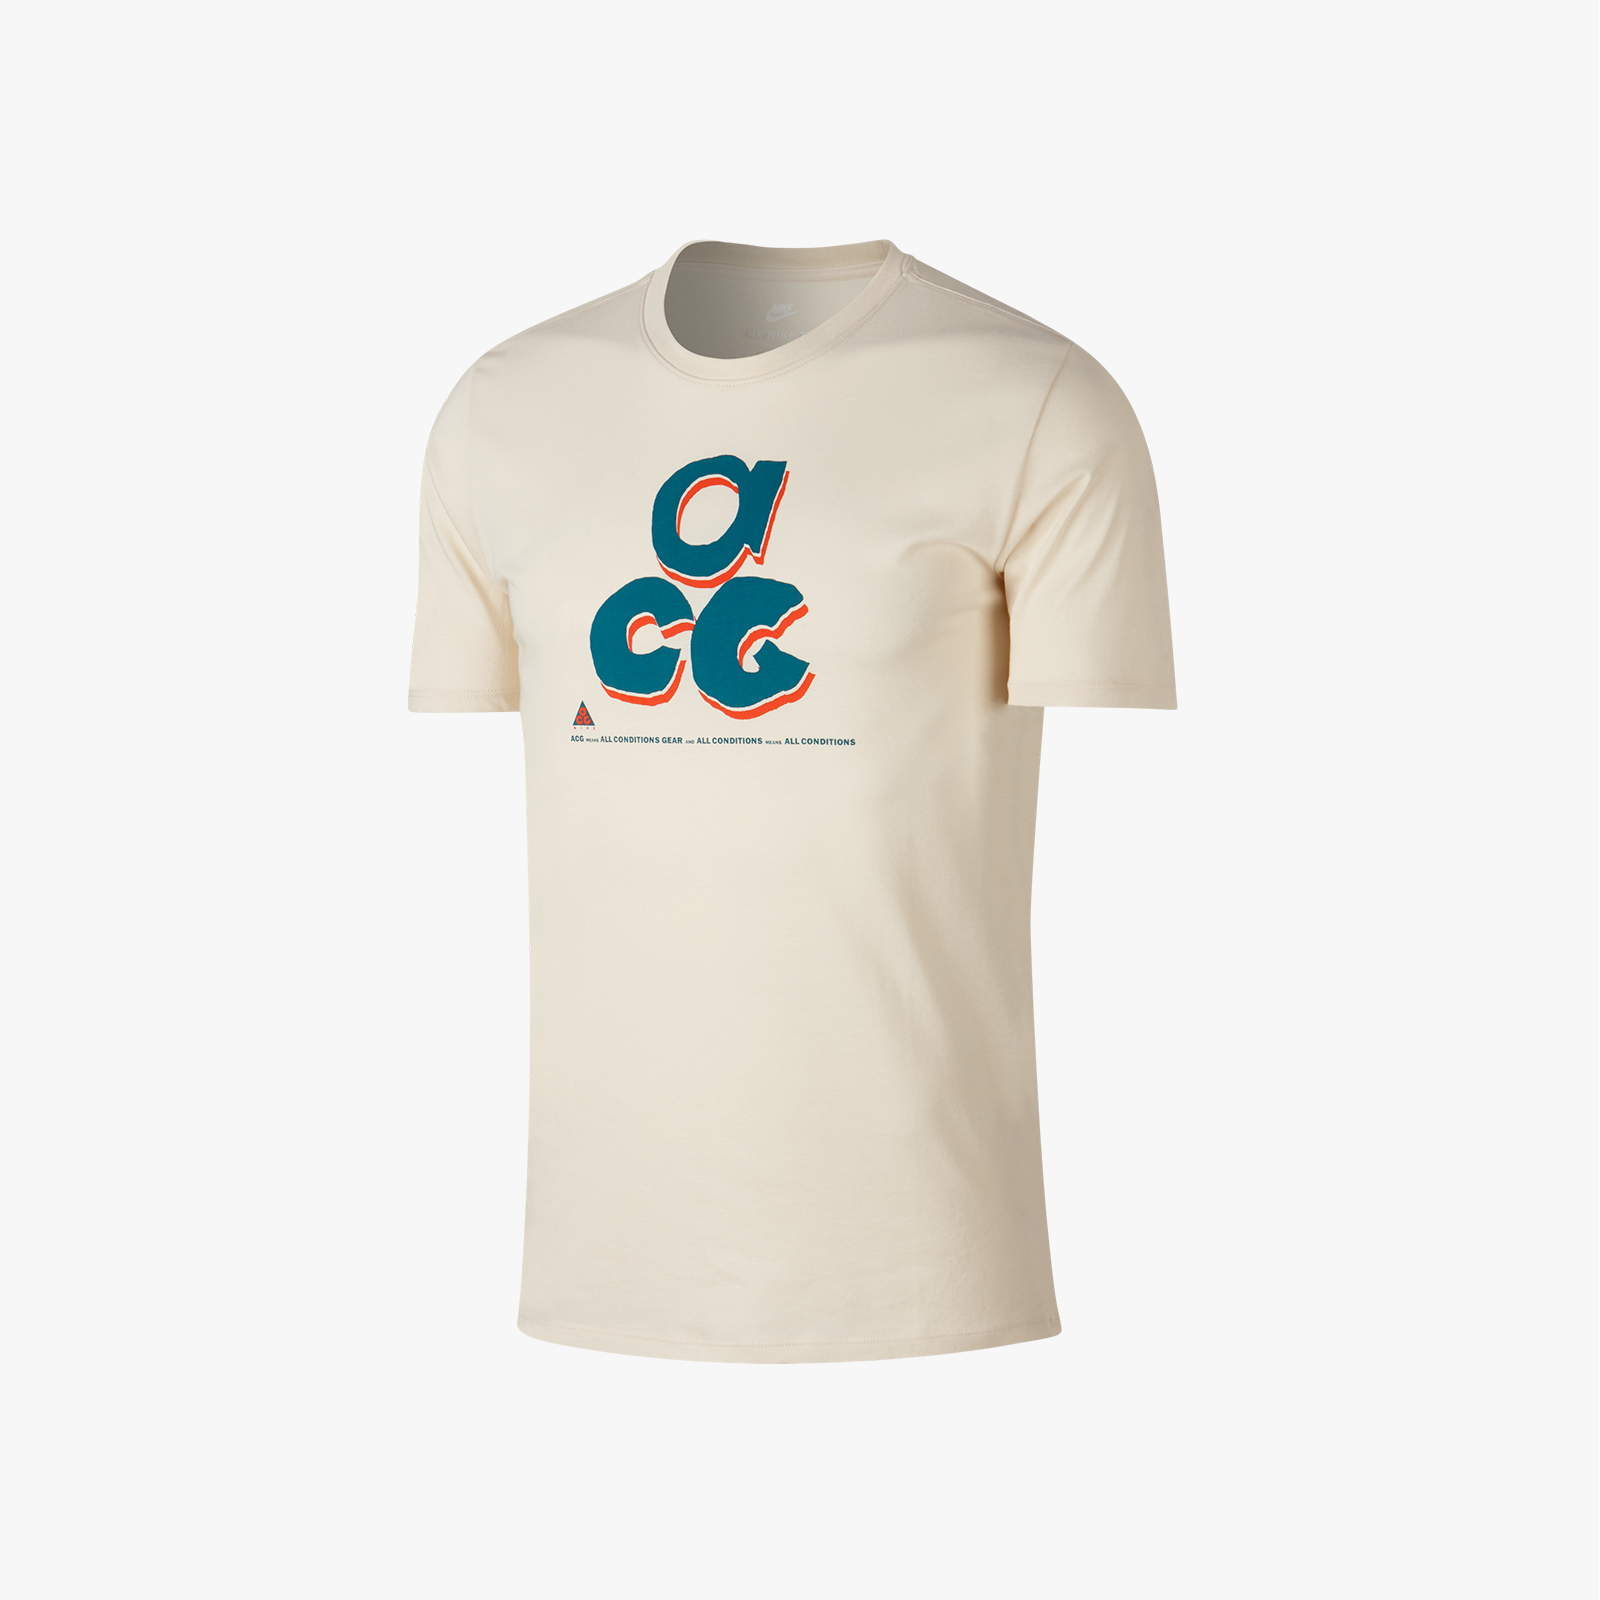 dc095bf39cd35f Nike ACG T-Shirt - Bq6843-271 - Sneakersnstuff